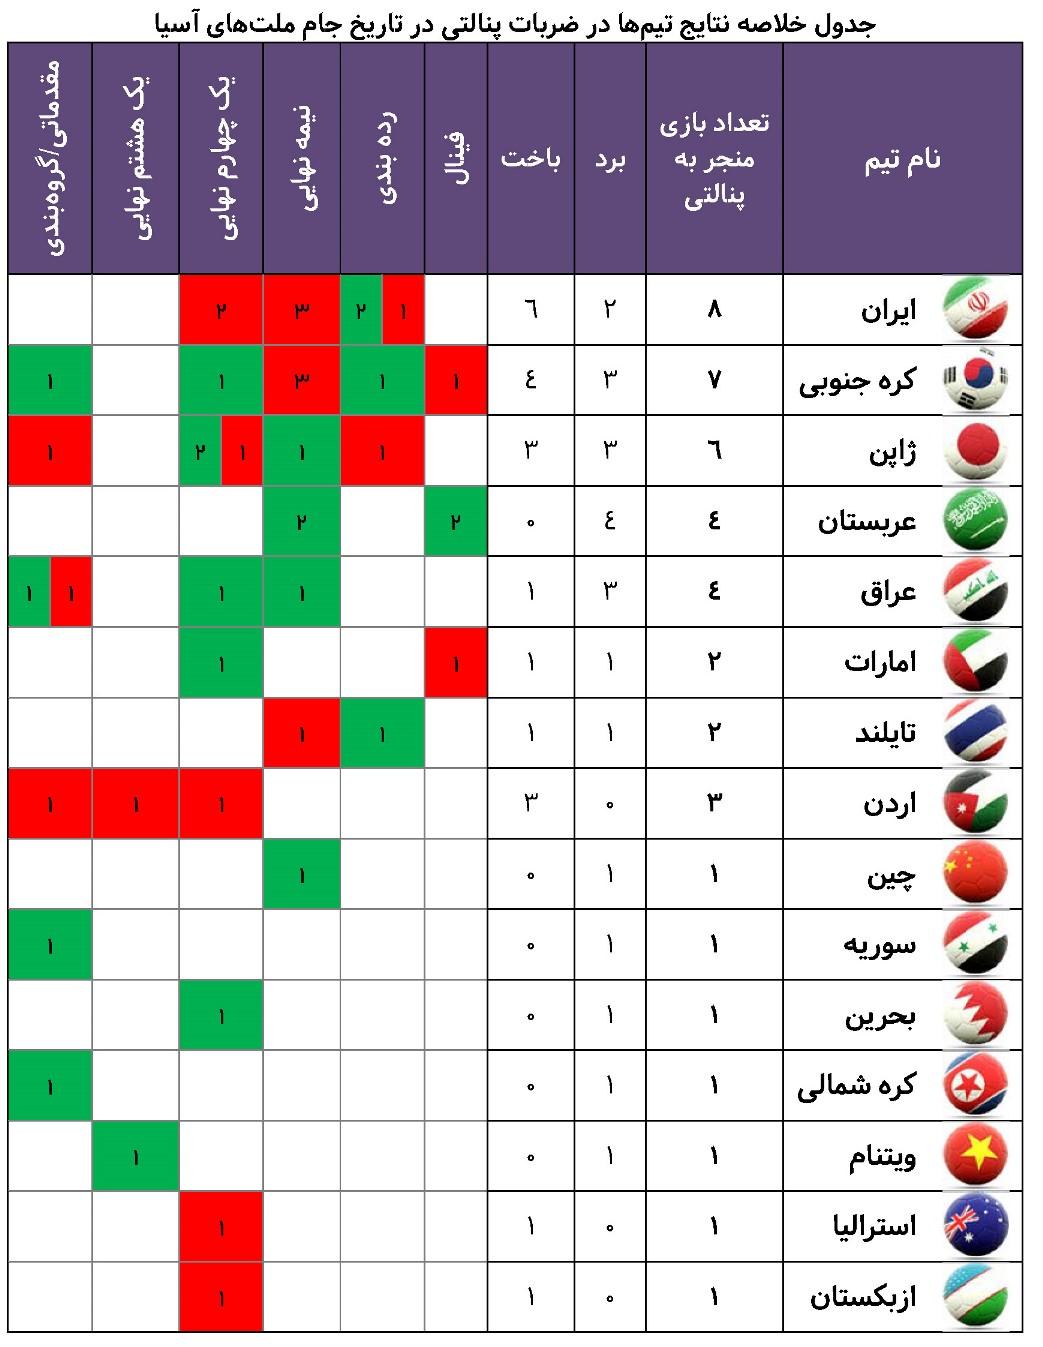 تیم ملی ایران؛ پنالتی ببازترین قدرت فوتبال آسیا - 55